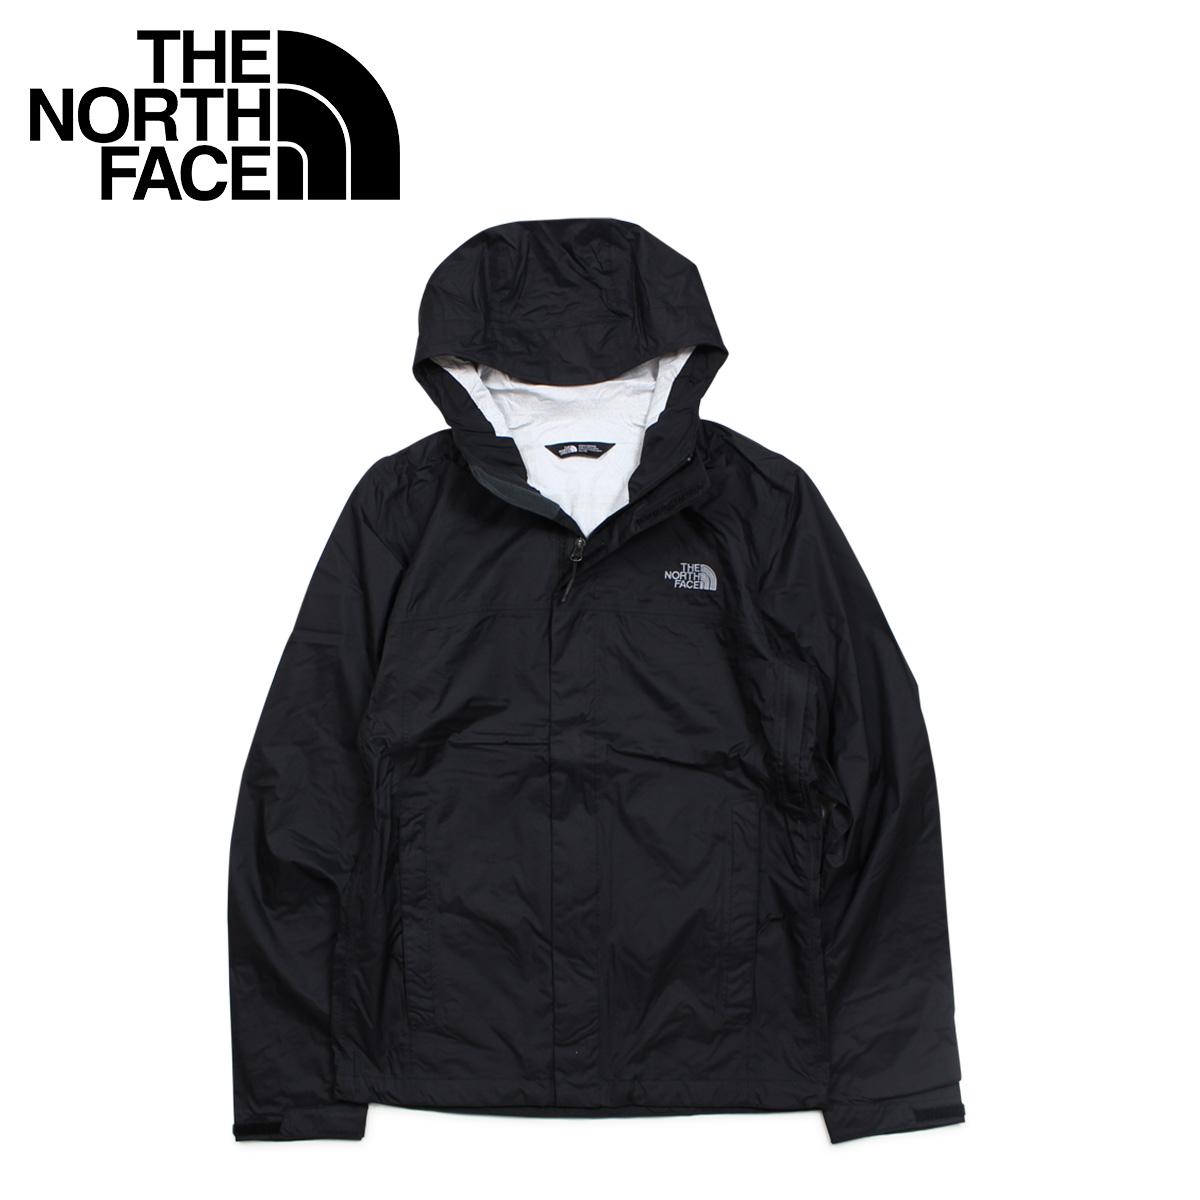 THE NORTH FACE MENS VENTURE 2 JACKET ノースフェイス ジャケット ベンチャー マウンテンパーカー メンズ ブラック 黒 NF0A2VD3 [5/13 新入荷]